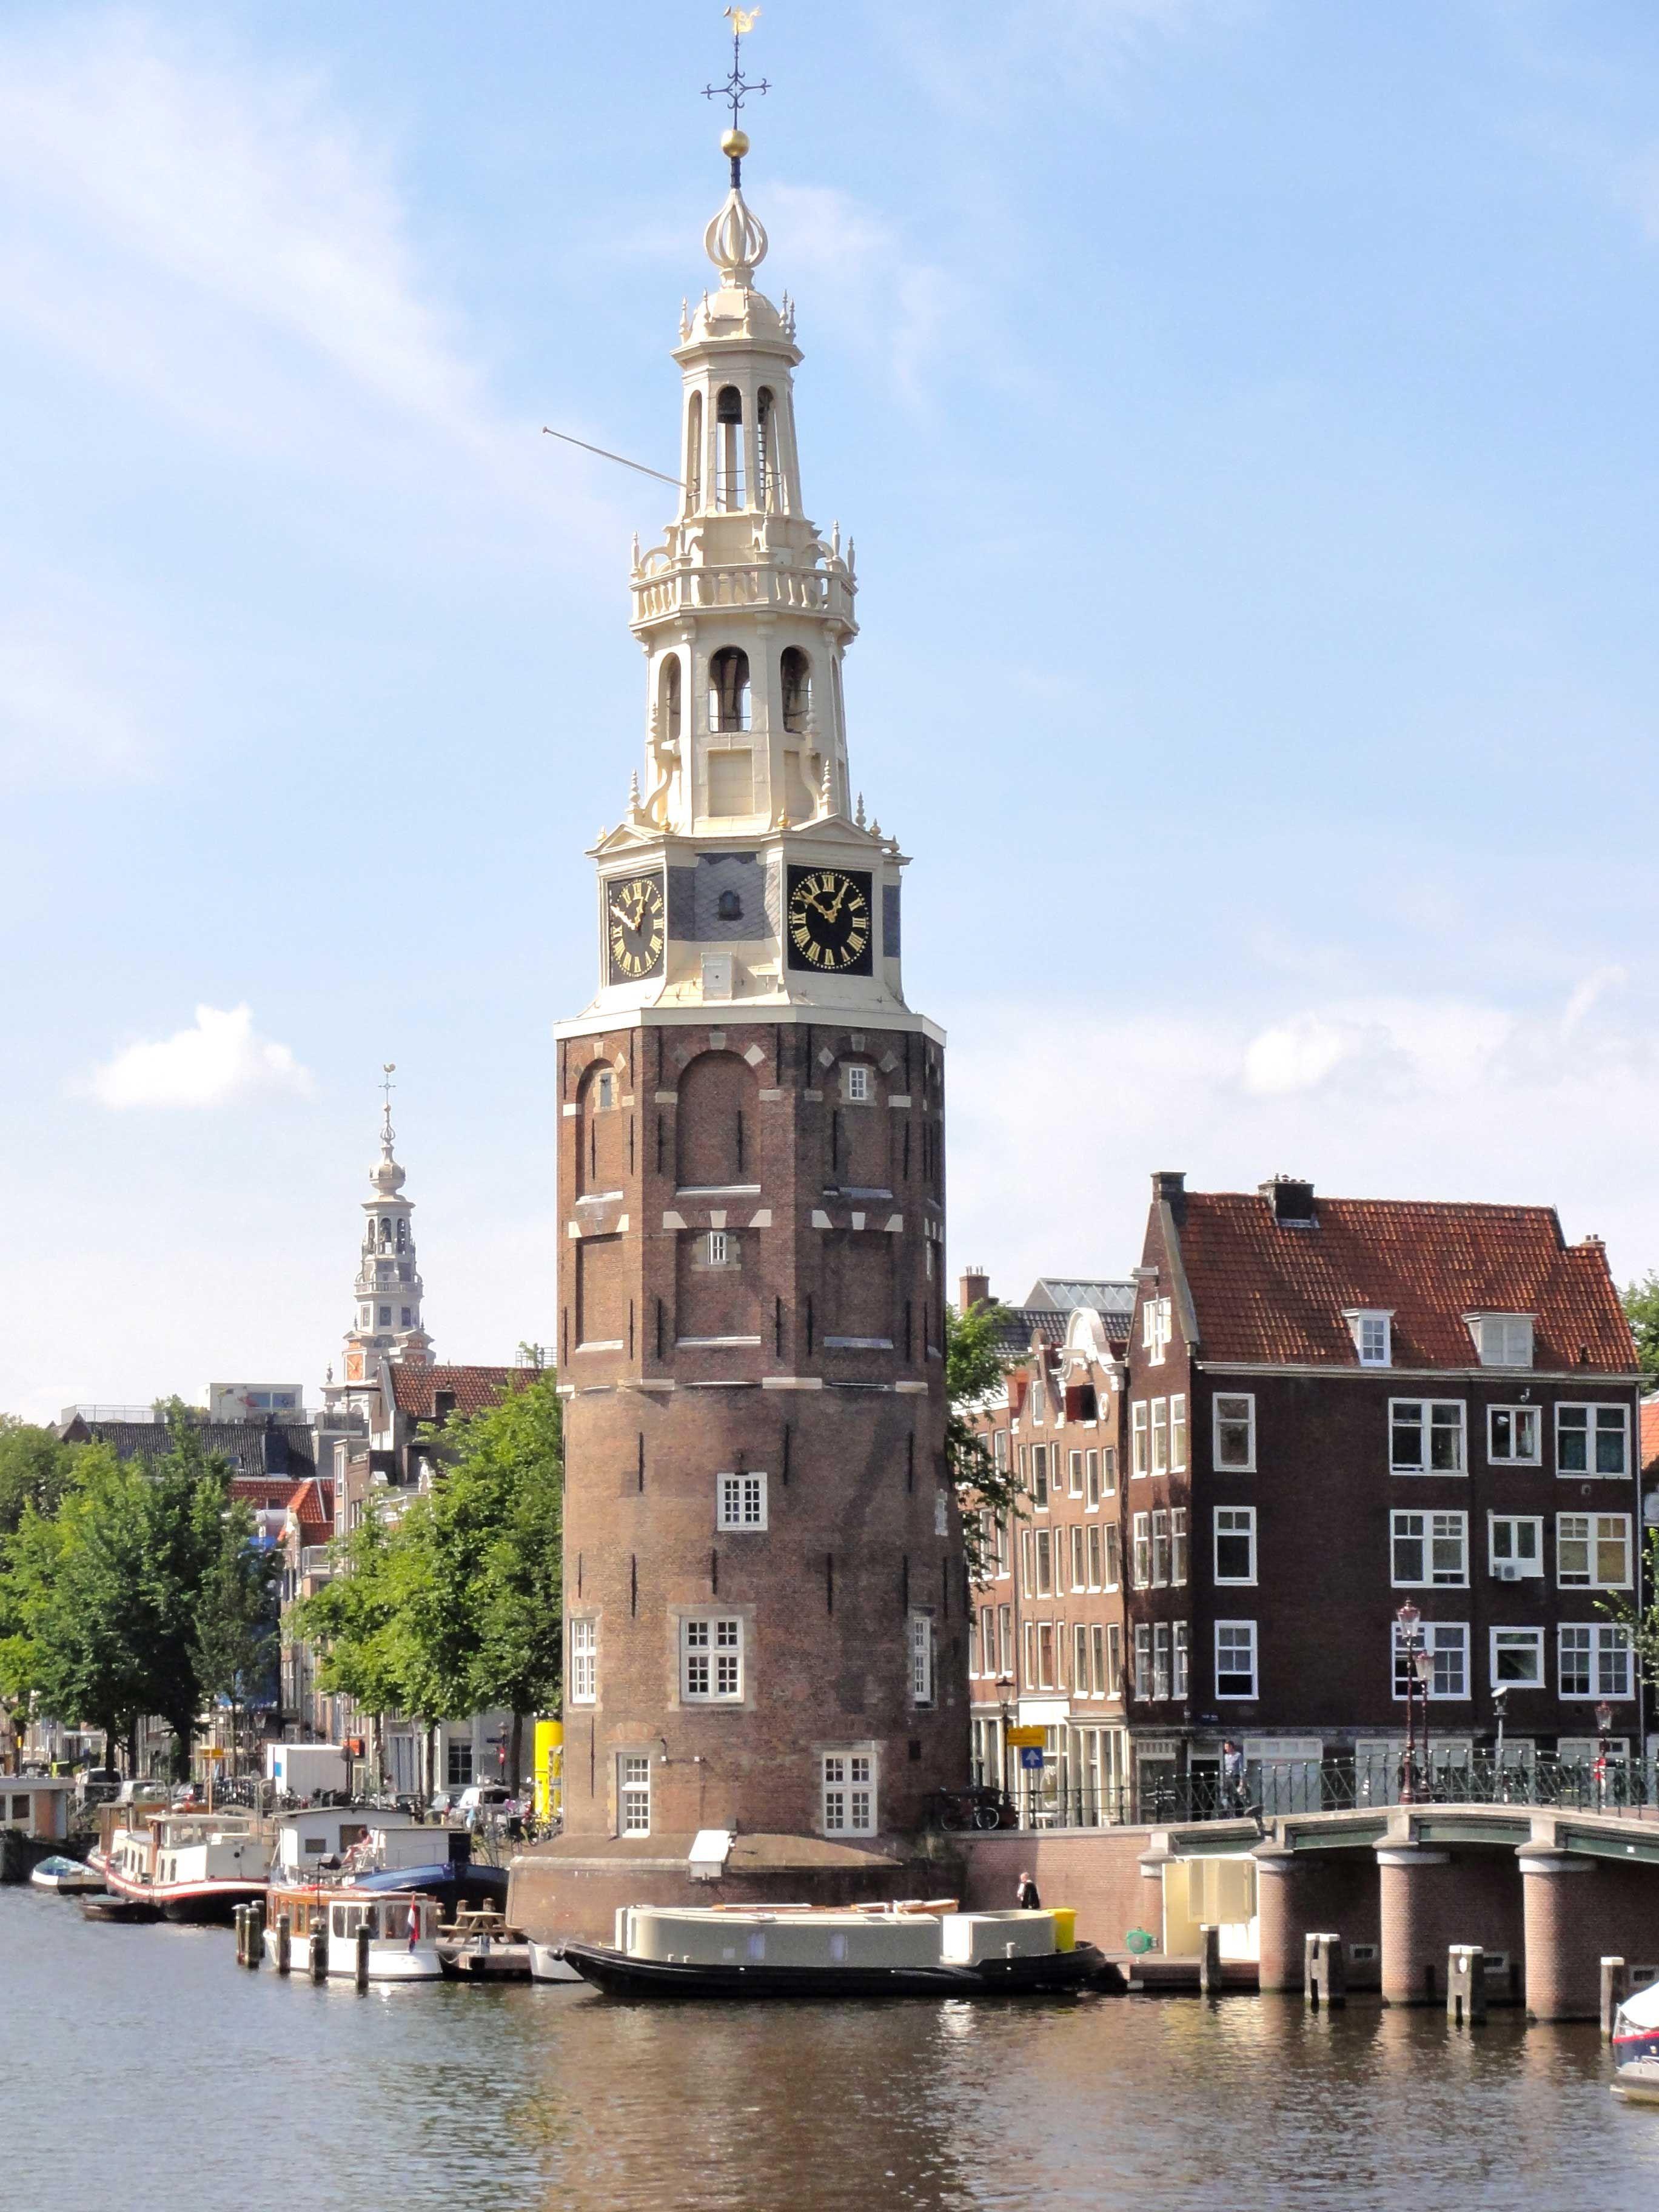 Montelbaanstoren. Een Amsterdamse toren uit 1516 aan de Oudeschans 2. De toren heeft als bijnaam Malle Jaap, omdat de klokken van de toren ooit op onregelmatige tijden spontaan begonnen te spelen.